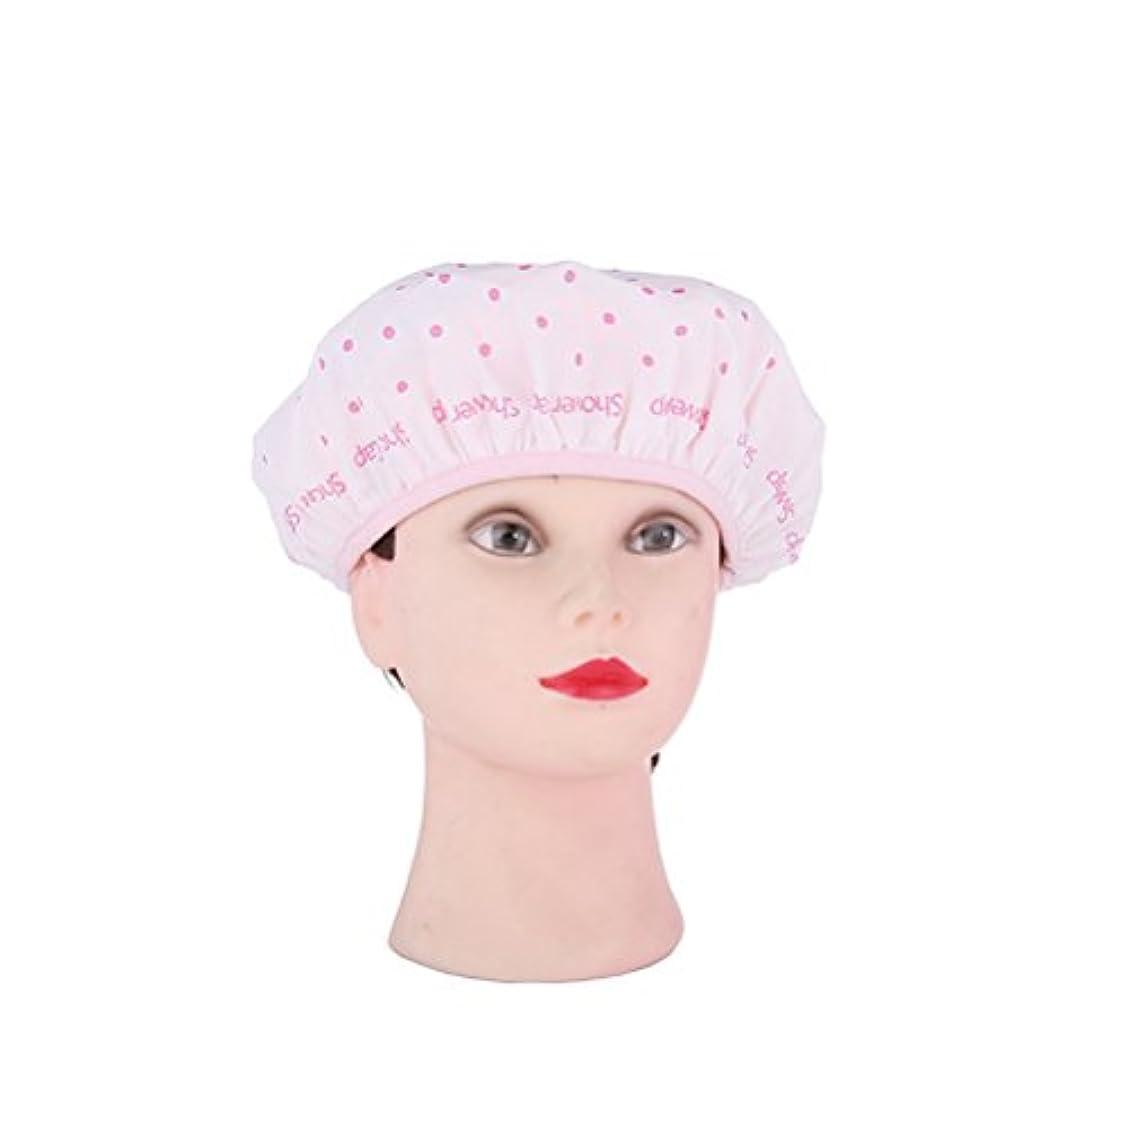 邪魔する薬シンプトンROSENICE シャワーキャップ防水性モールド抵抗性の洗えるシャワーキャップかわいいやわらかい髪の帽子(ピンク)